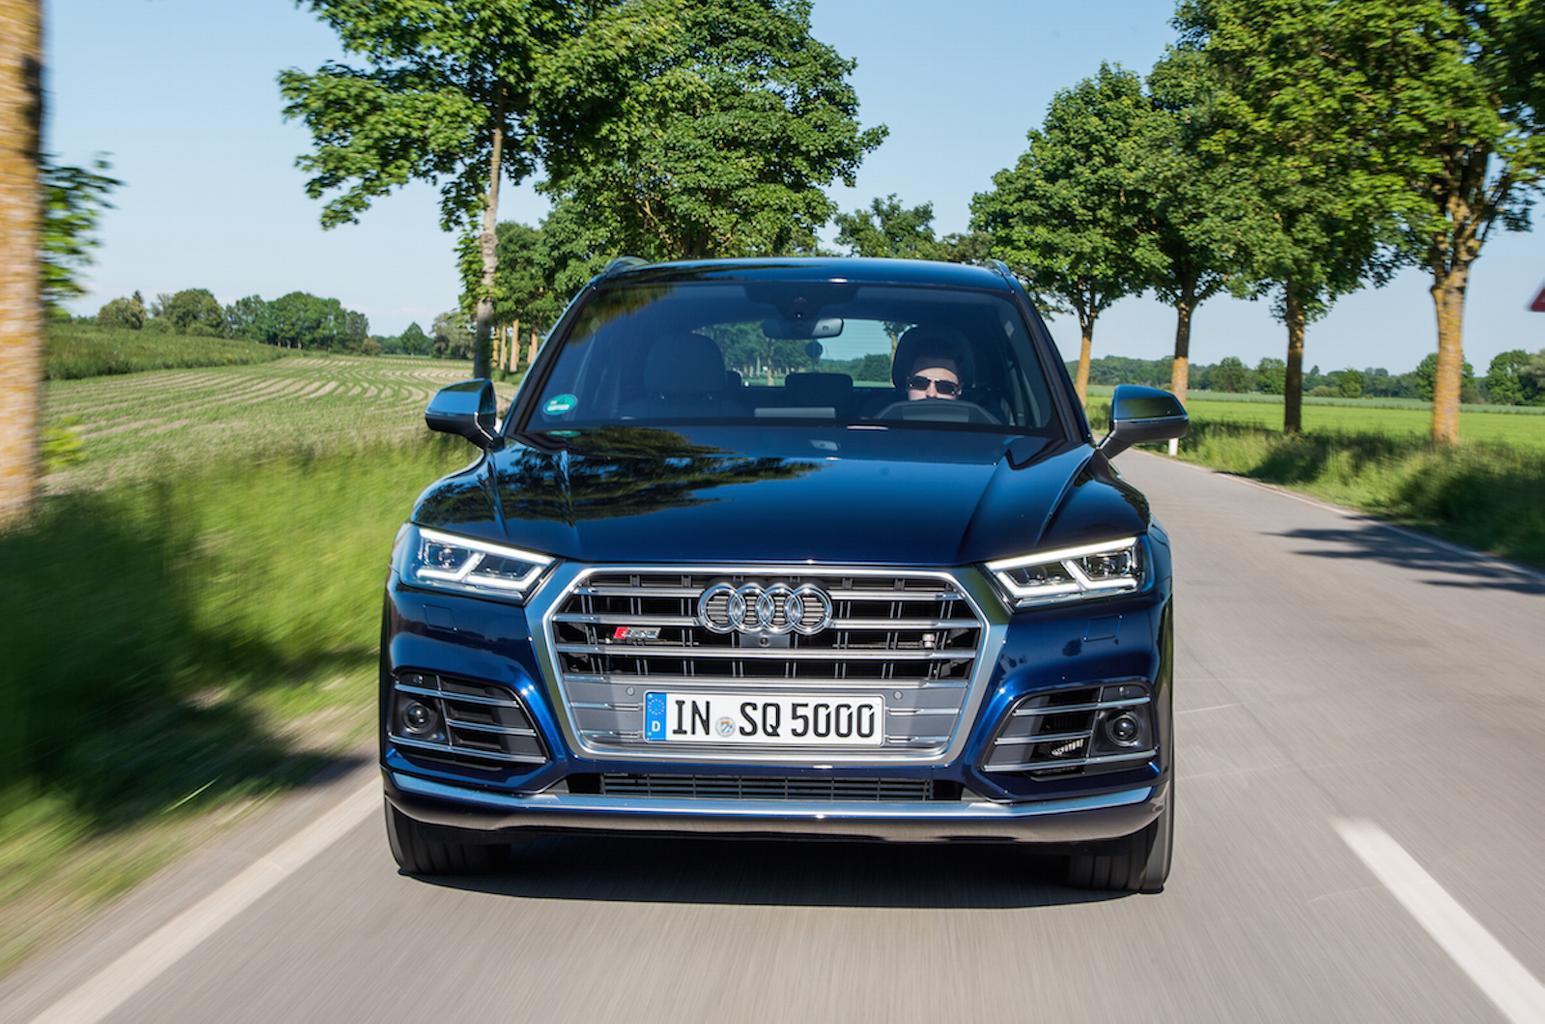 Audi SQ5 review verdict and specs